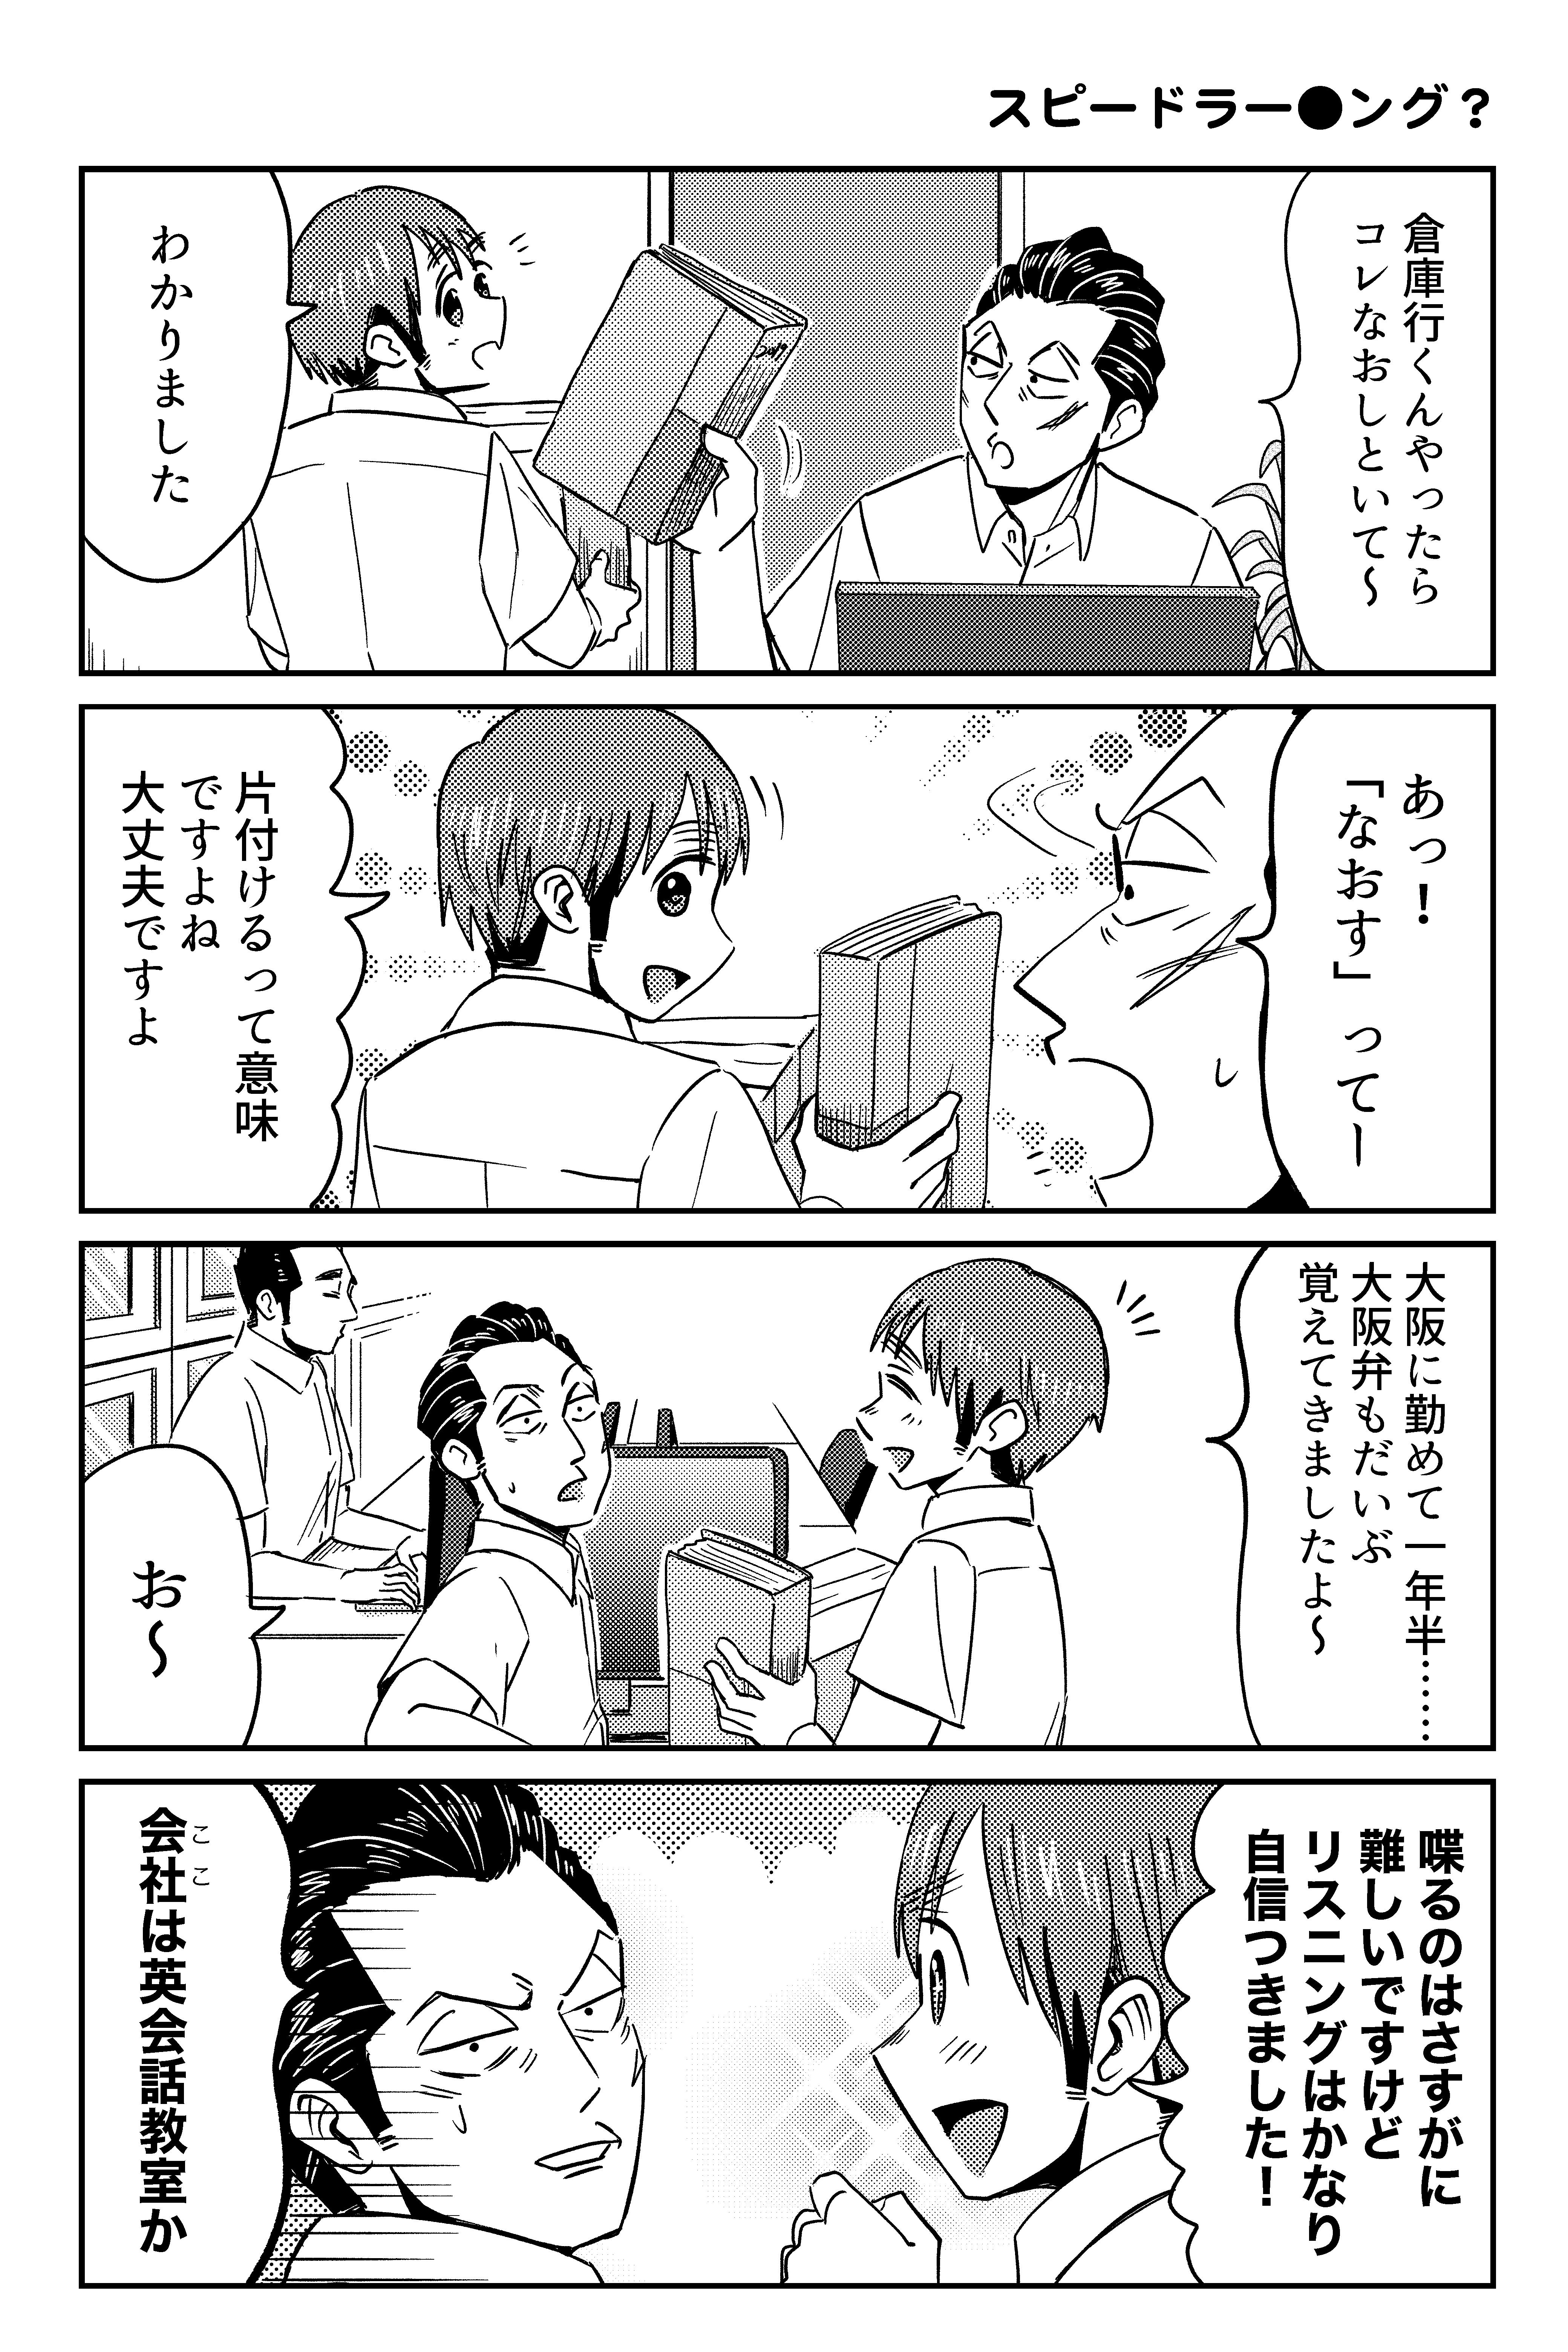 大阪ちゅーとリアル(大阪弁警察出動!)